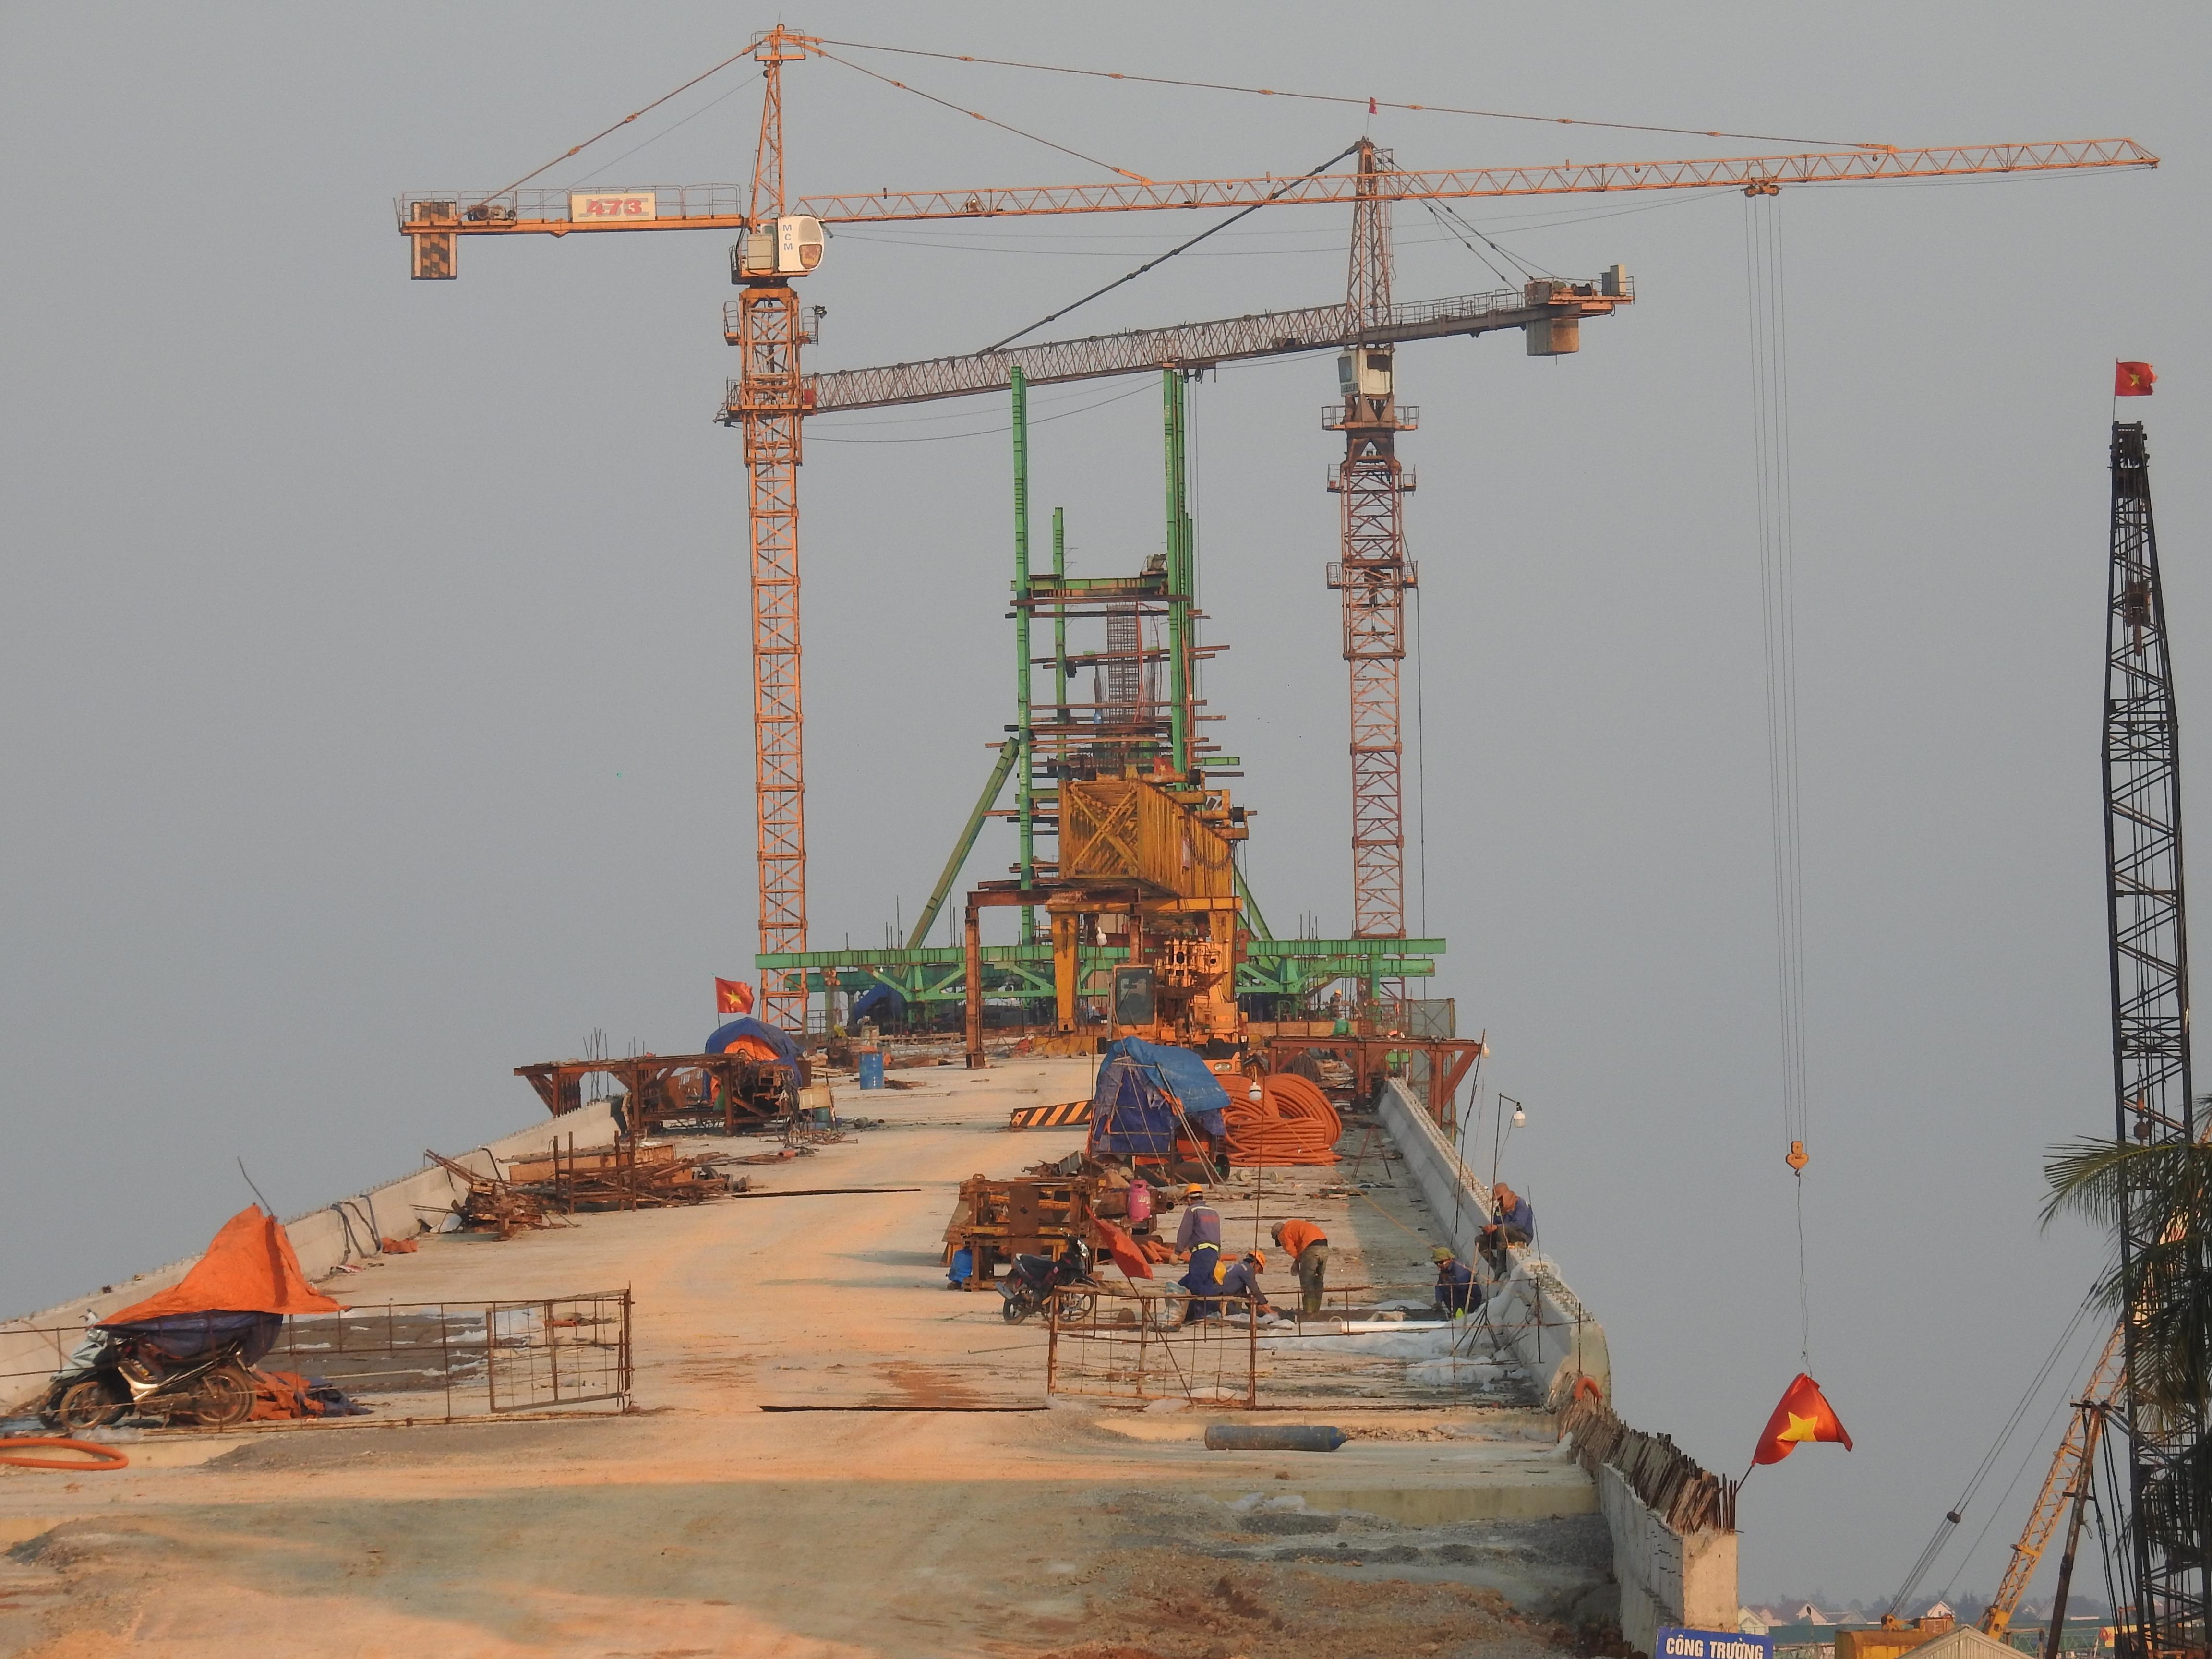 Cận cảnh cầu Cửa Hội nối hai tỉnh Nghệ An - Hà Tĩnh, tổng mức đầu tư 950 tỉ đồng, dự kiến thông xe tháng 8/2020 - Ảnh 6.